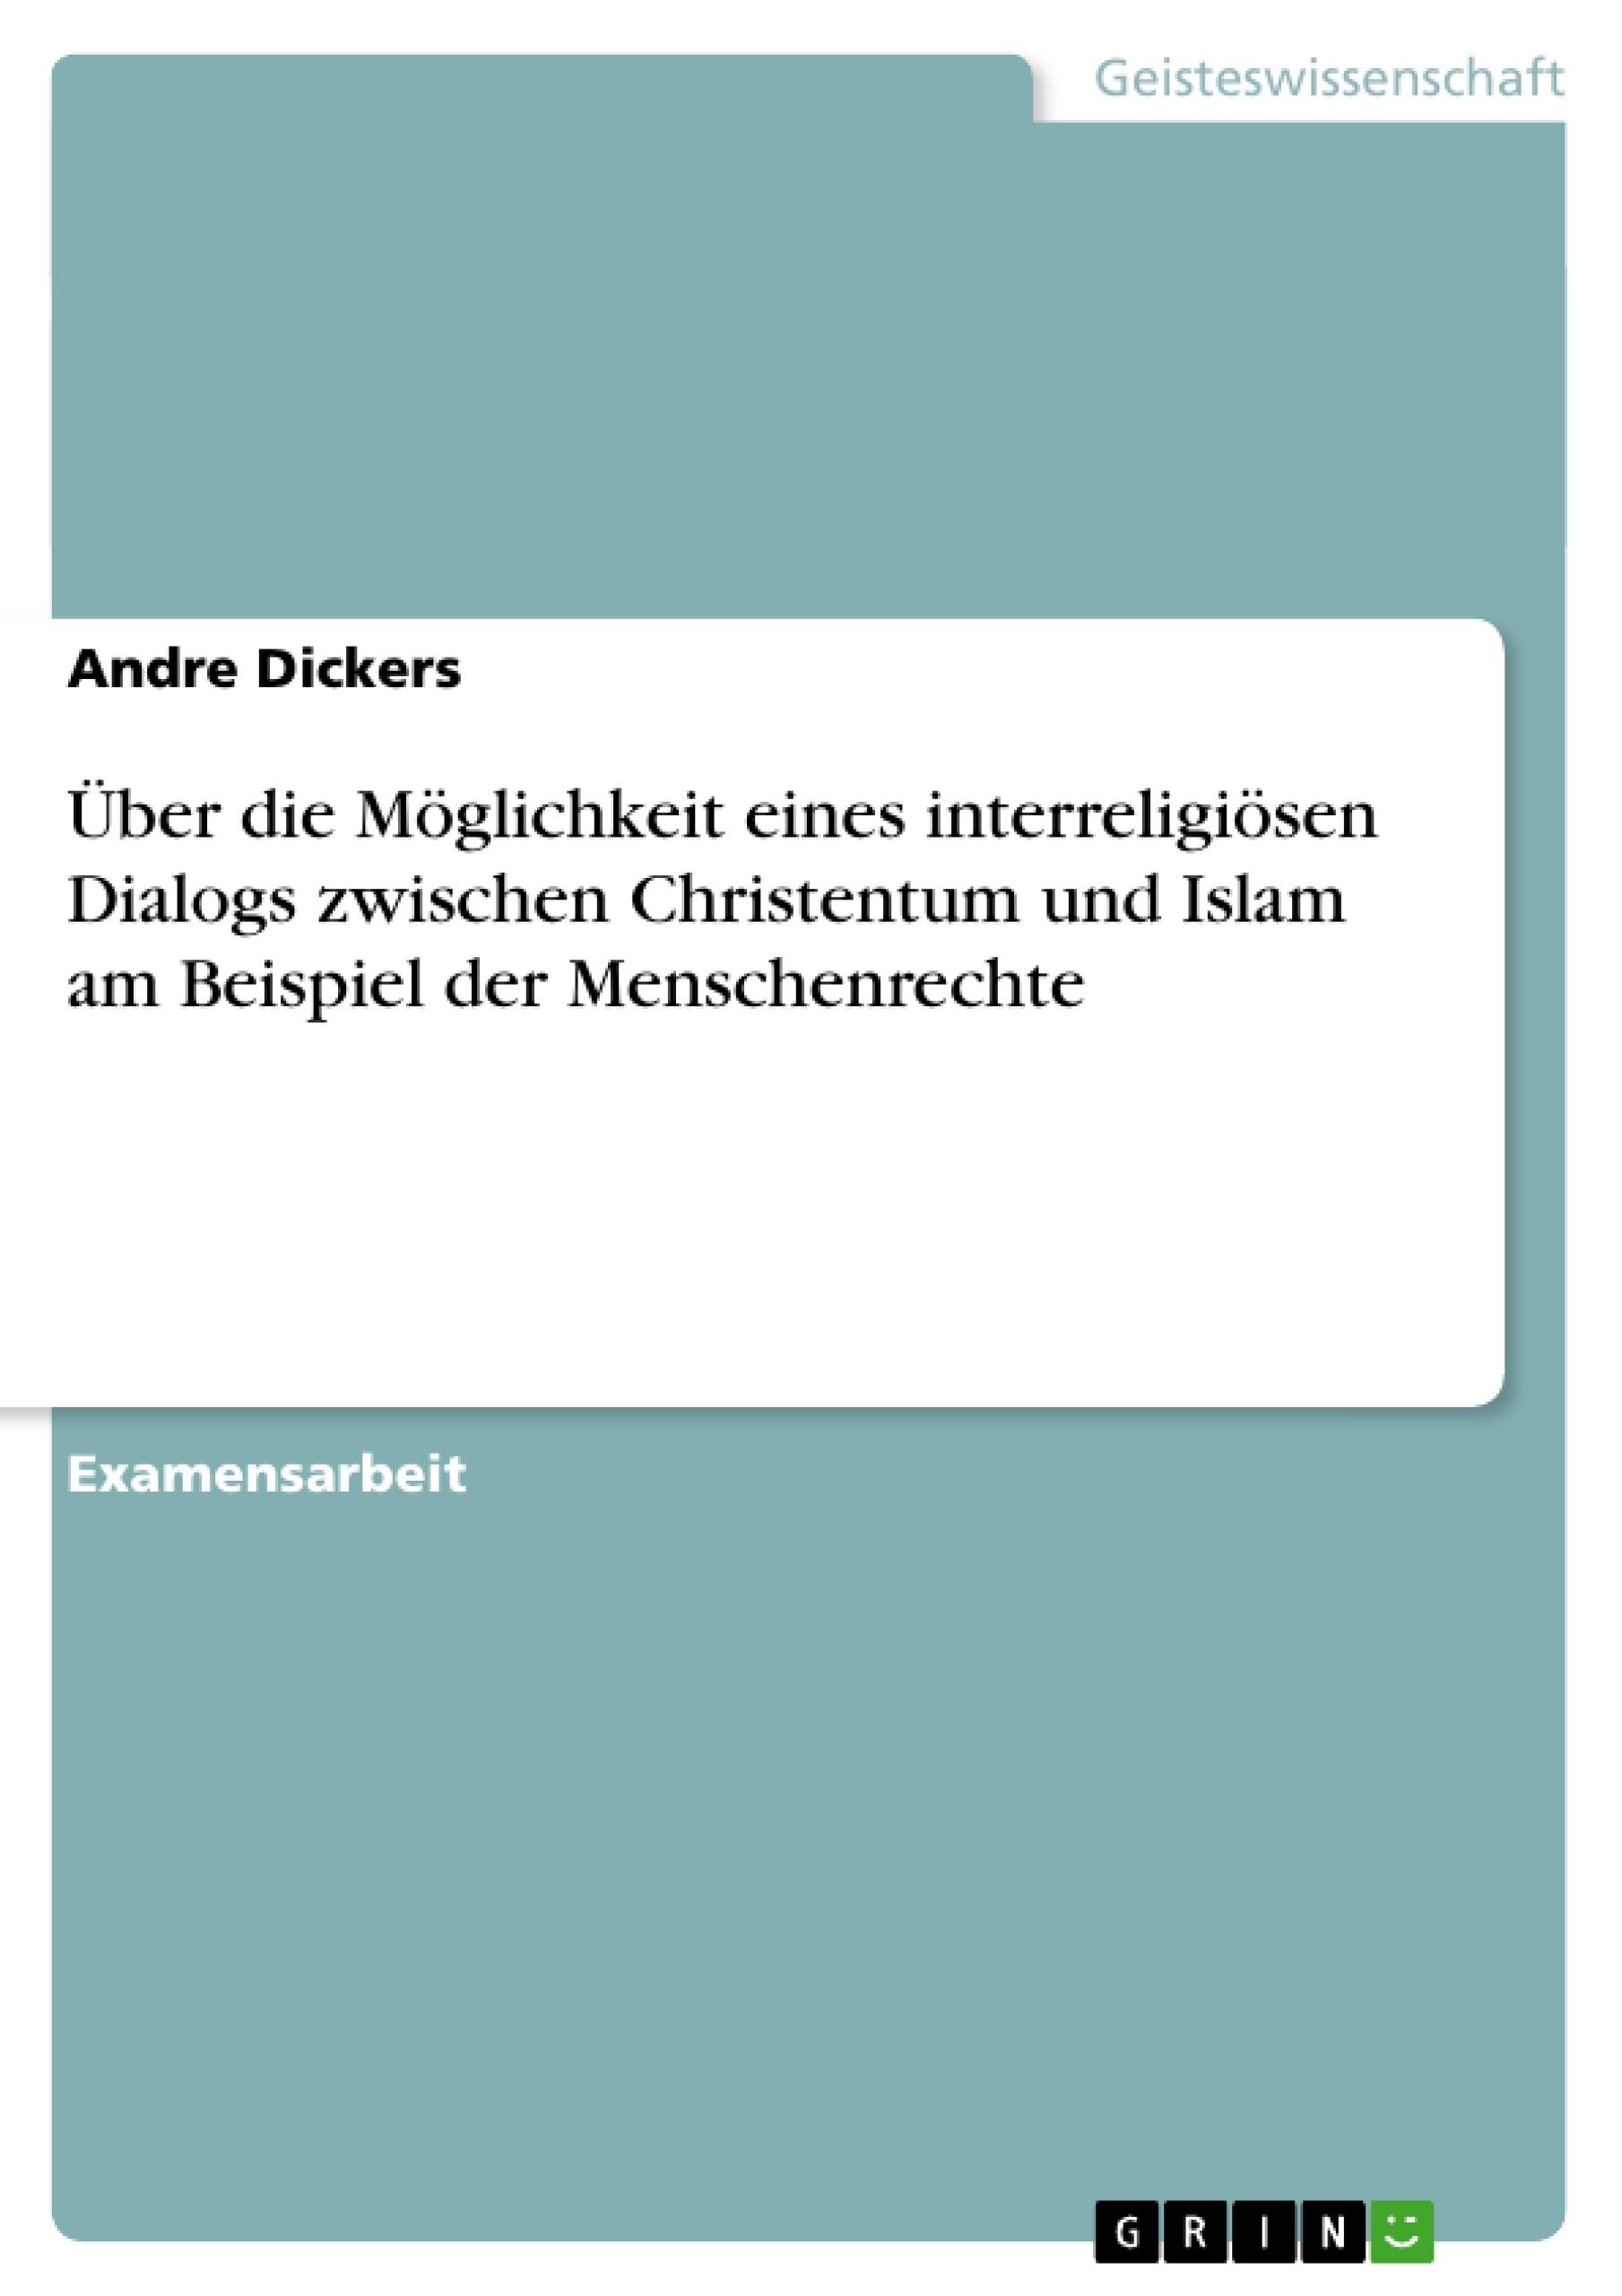 Titel: Über die Möglichkeit eines interreligiösen Dialogs zwischen Christentum und Islam am Beispiel der Menschenrechte